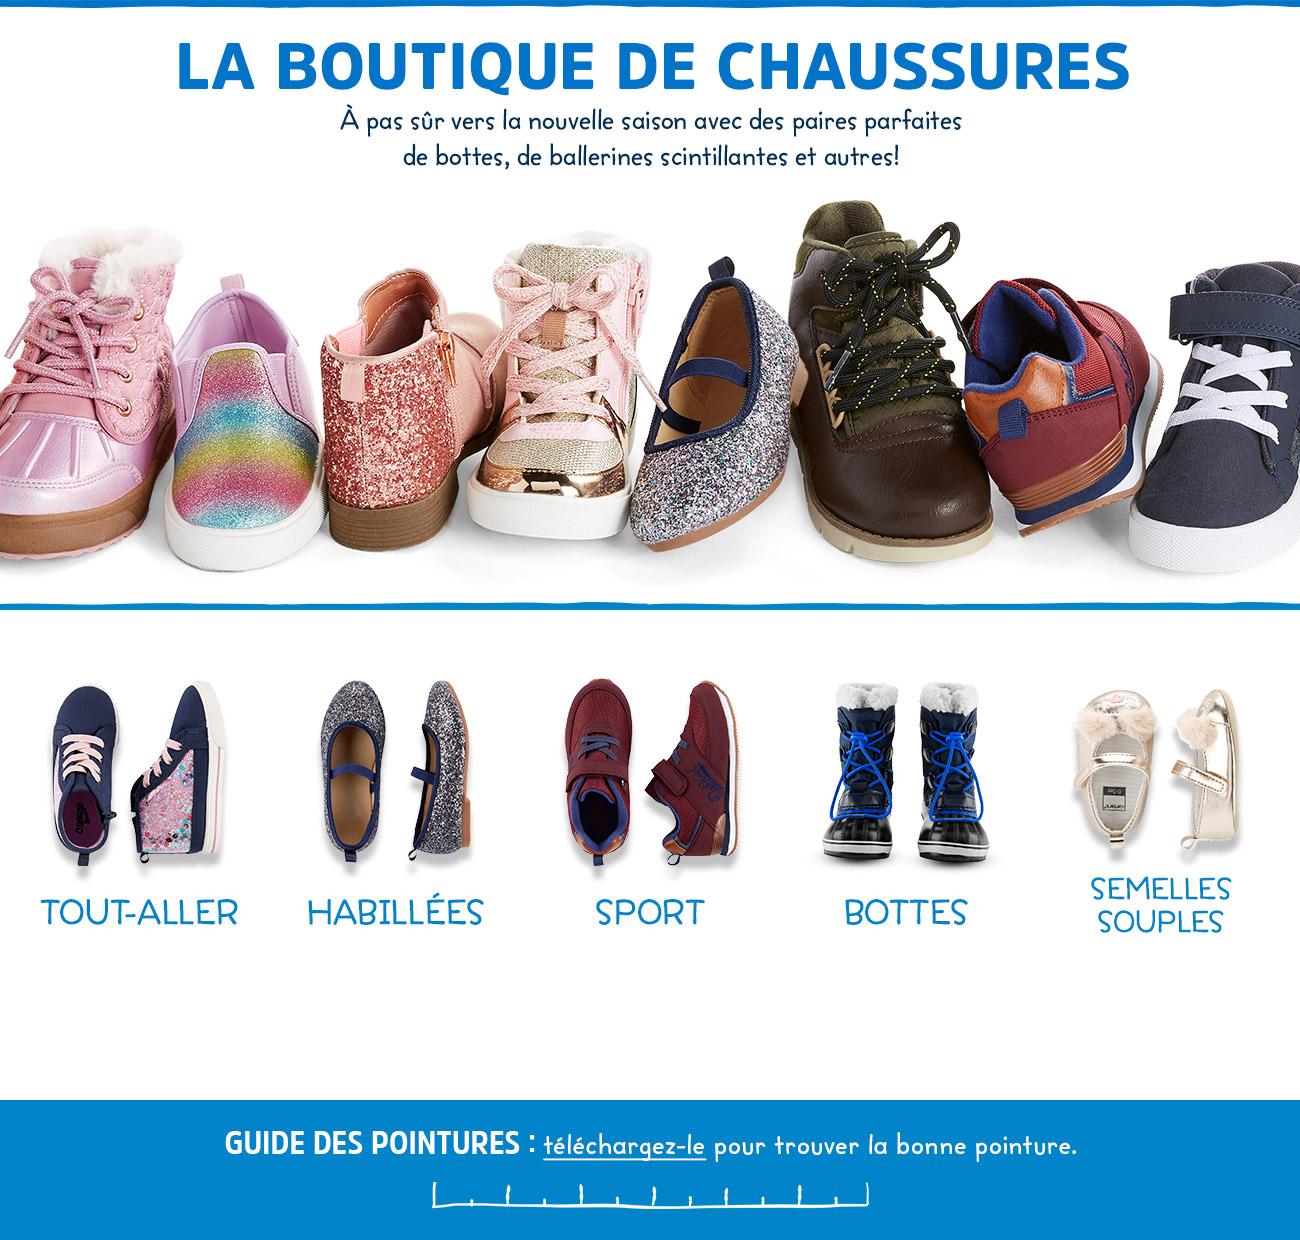 LA BOUTIQUE DE CHAUSSURES | À pas sûr vers la nouvelle saison avec des paires parfaites de bottes, se ballerines scintillantes et autres!